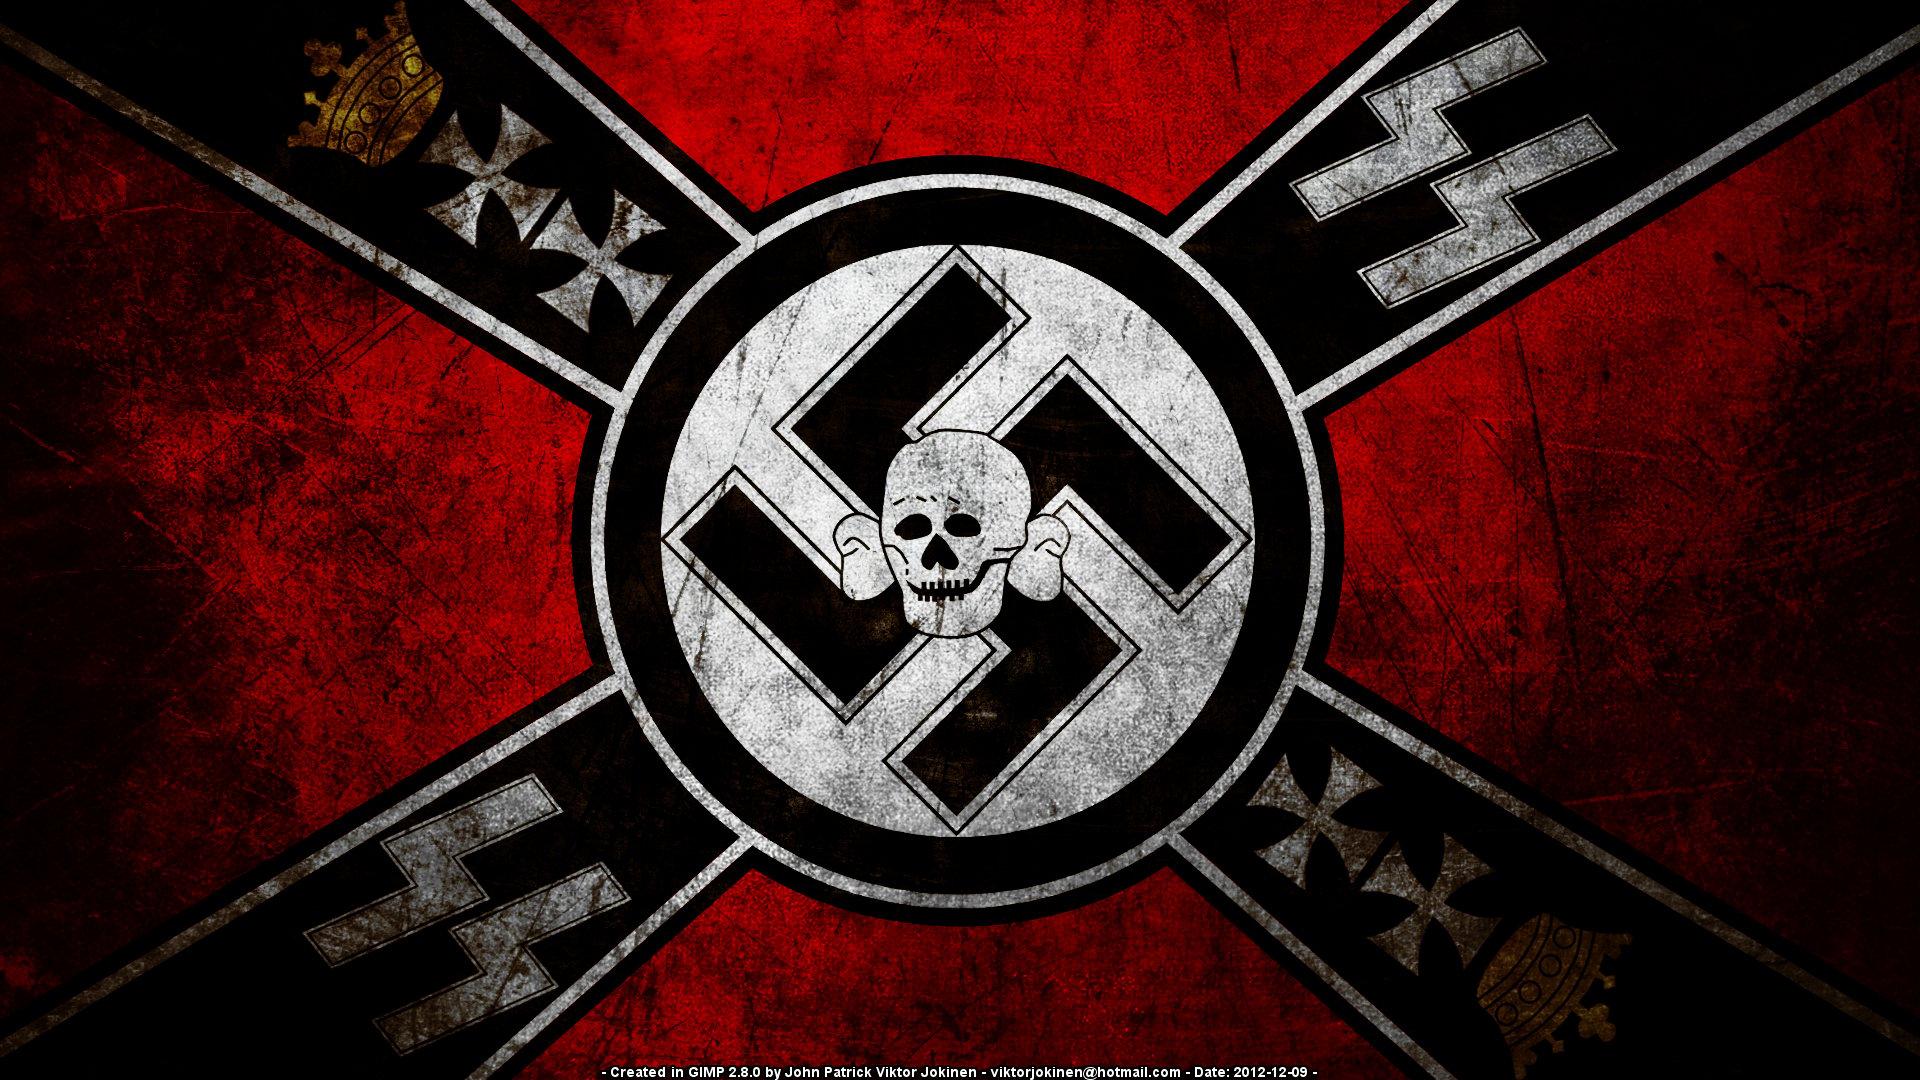 German ss Logo Nazi ss Logo Nazi ss Symbol 1920x1080